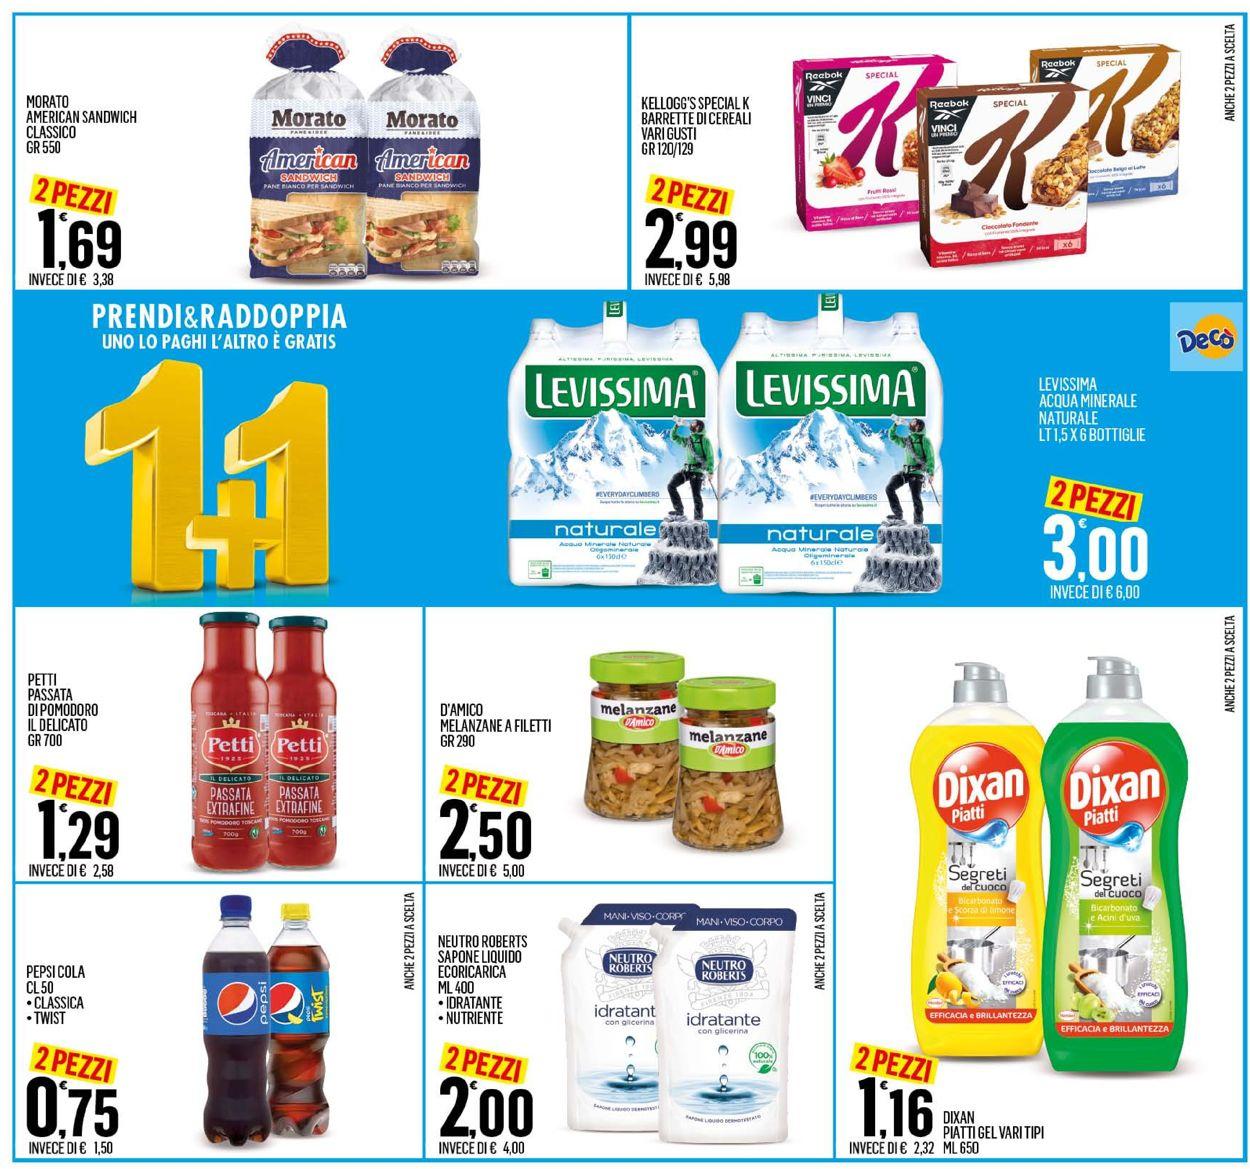 Volantino Deco - Offerte 07/07-16/07/2020 (Pagina 3)